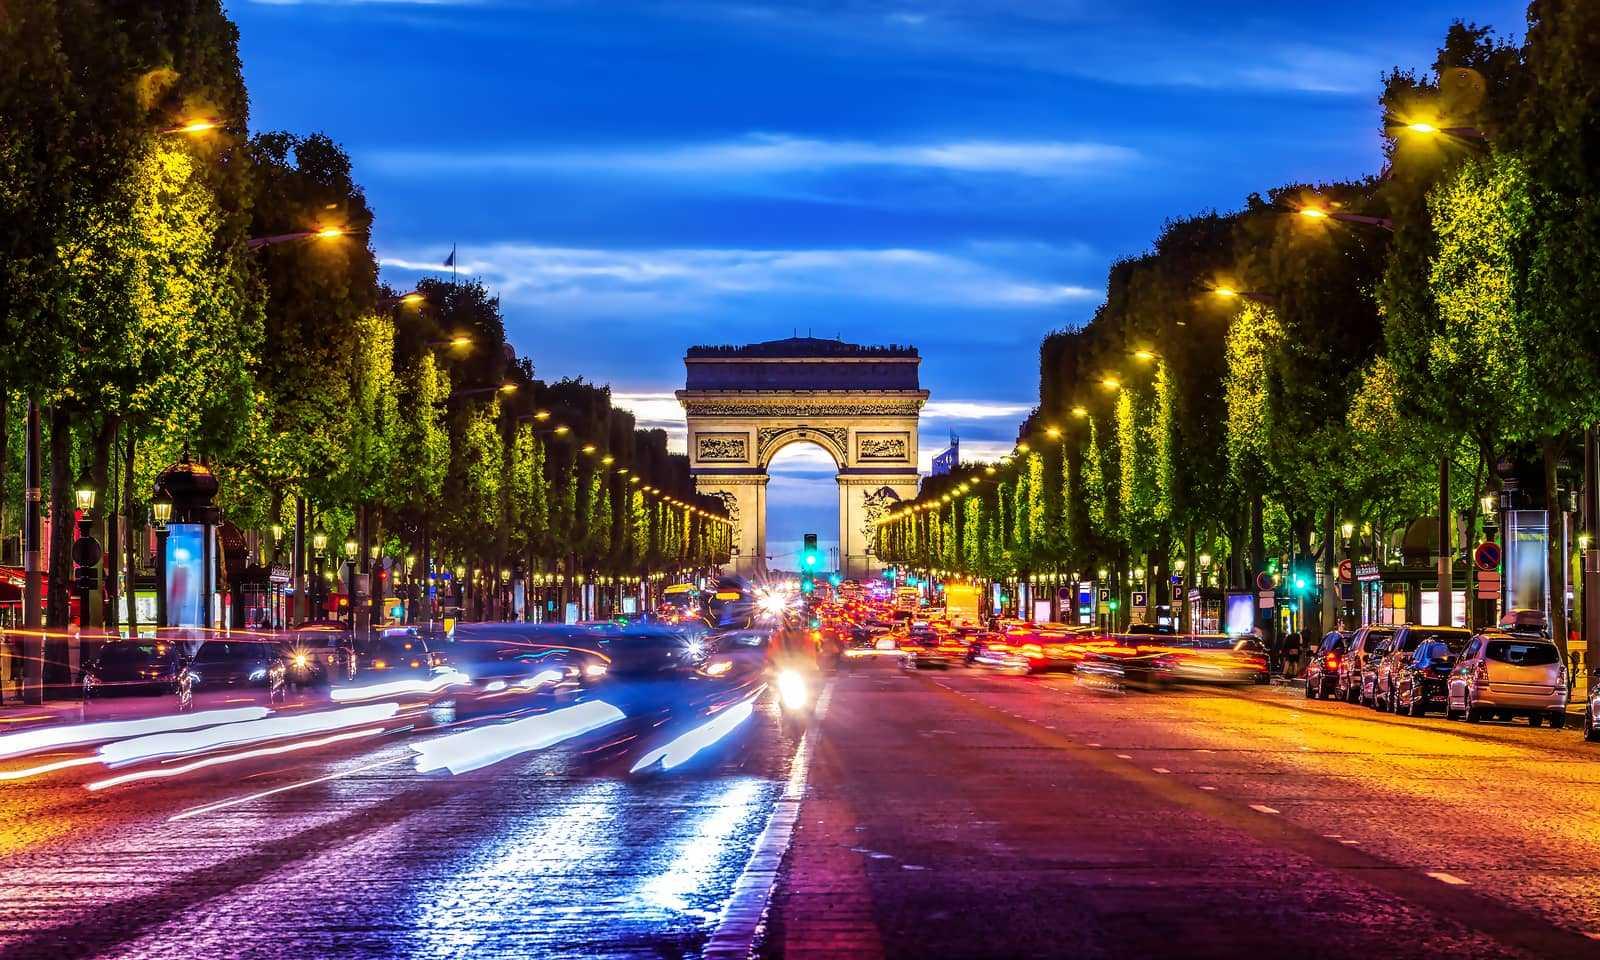 השאנז אליזה בפריז 2021 - כרטיס ביקור על השדרה המפורסמת